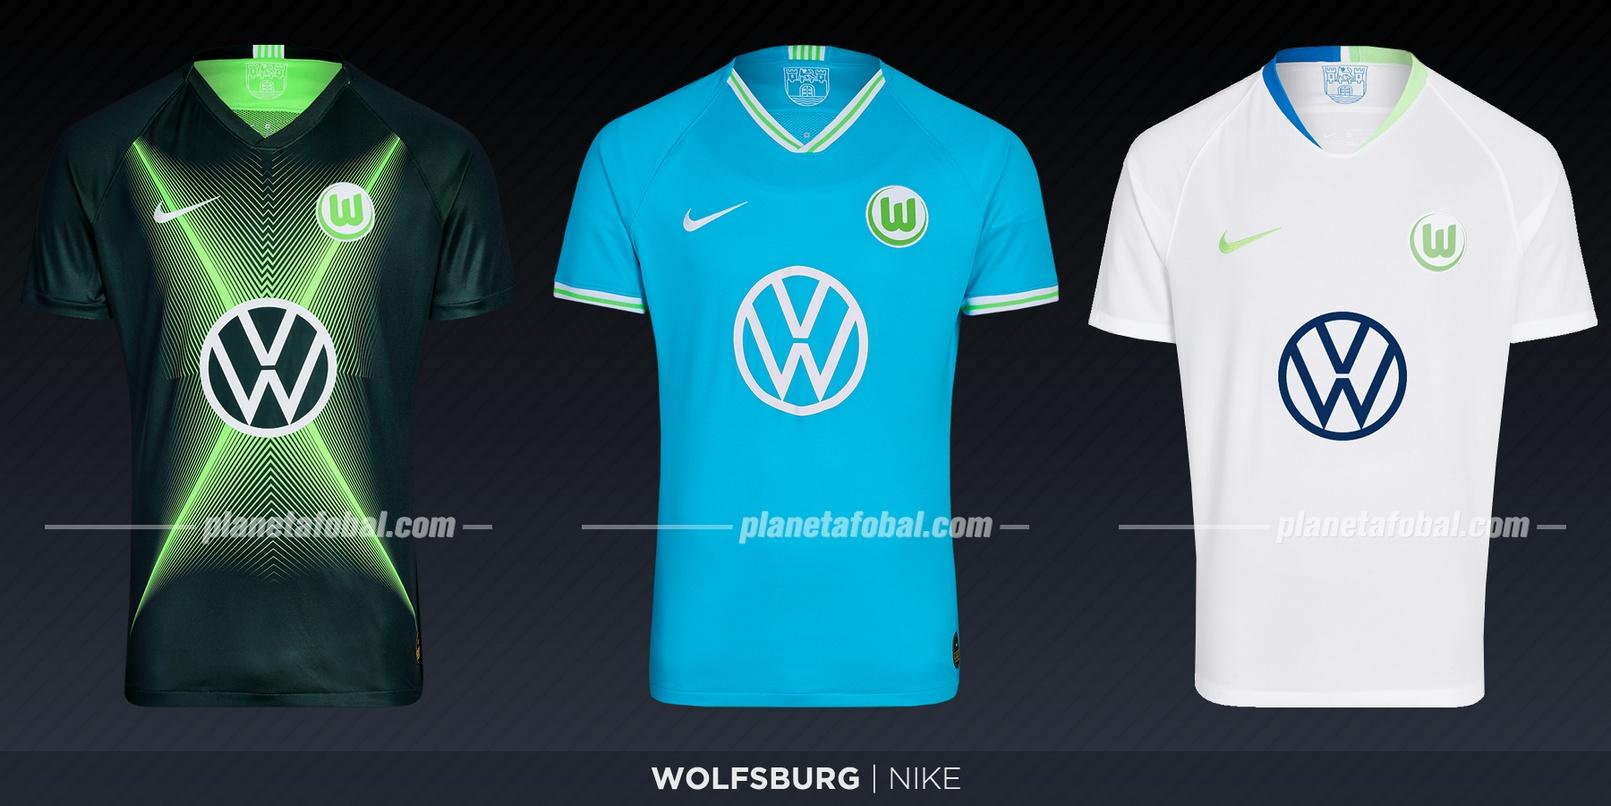 Wolfsburg (Nike) | Camisetas de la Bundesliga 2019-2020